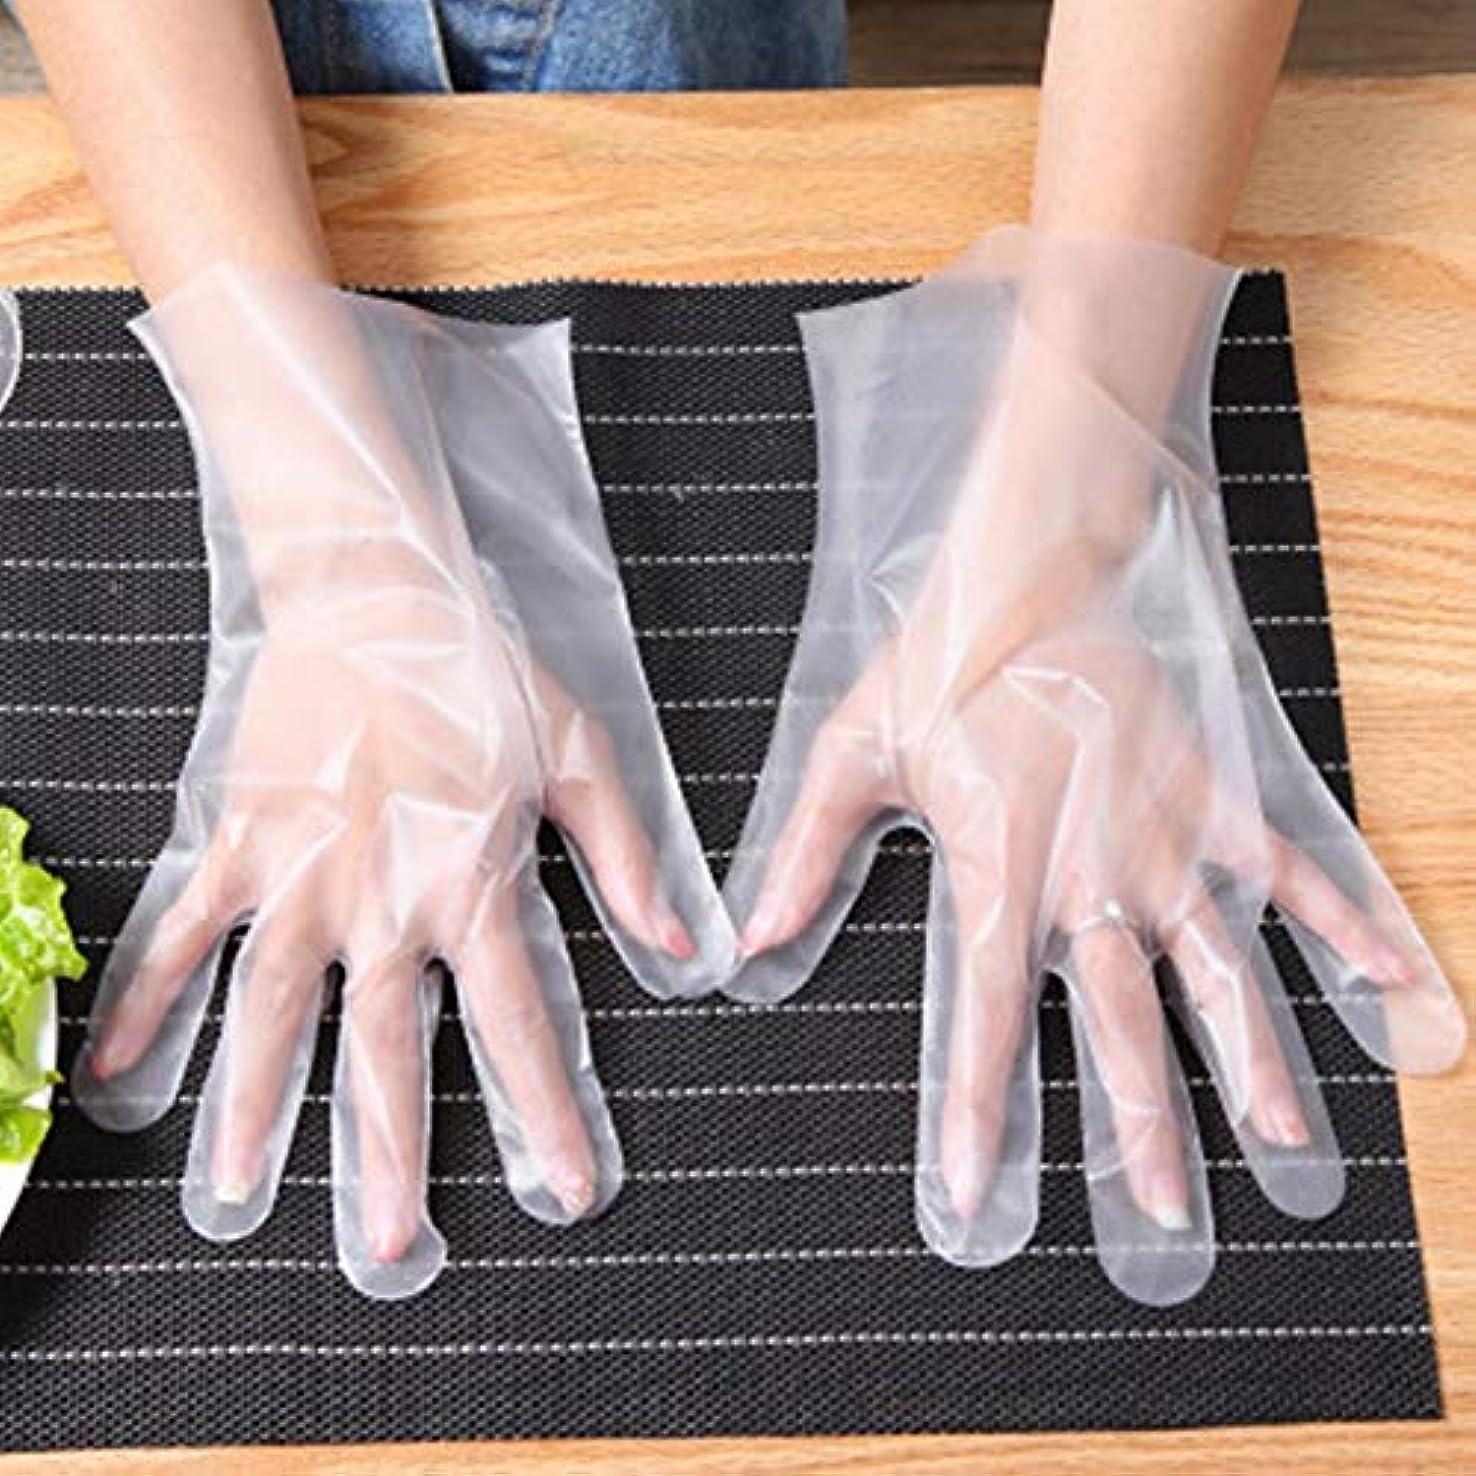 症候群知覚できるサーバ多目的使い捨て手袋 200枚入り プラスチック製 食品準備用手袋 ラテックス不使用 子供の美術工芸や絵画に最適 透明